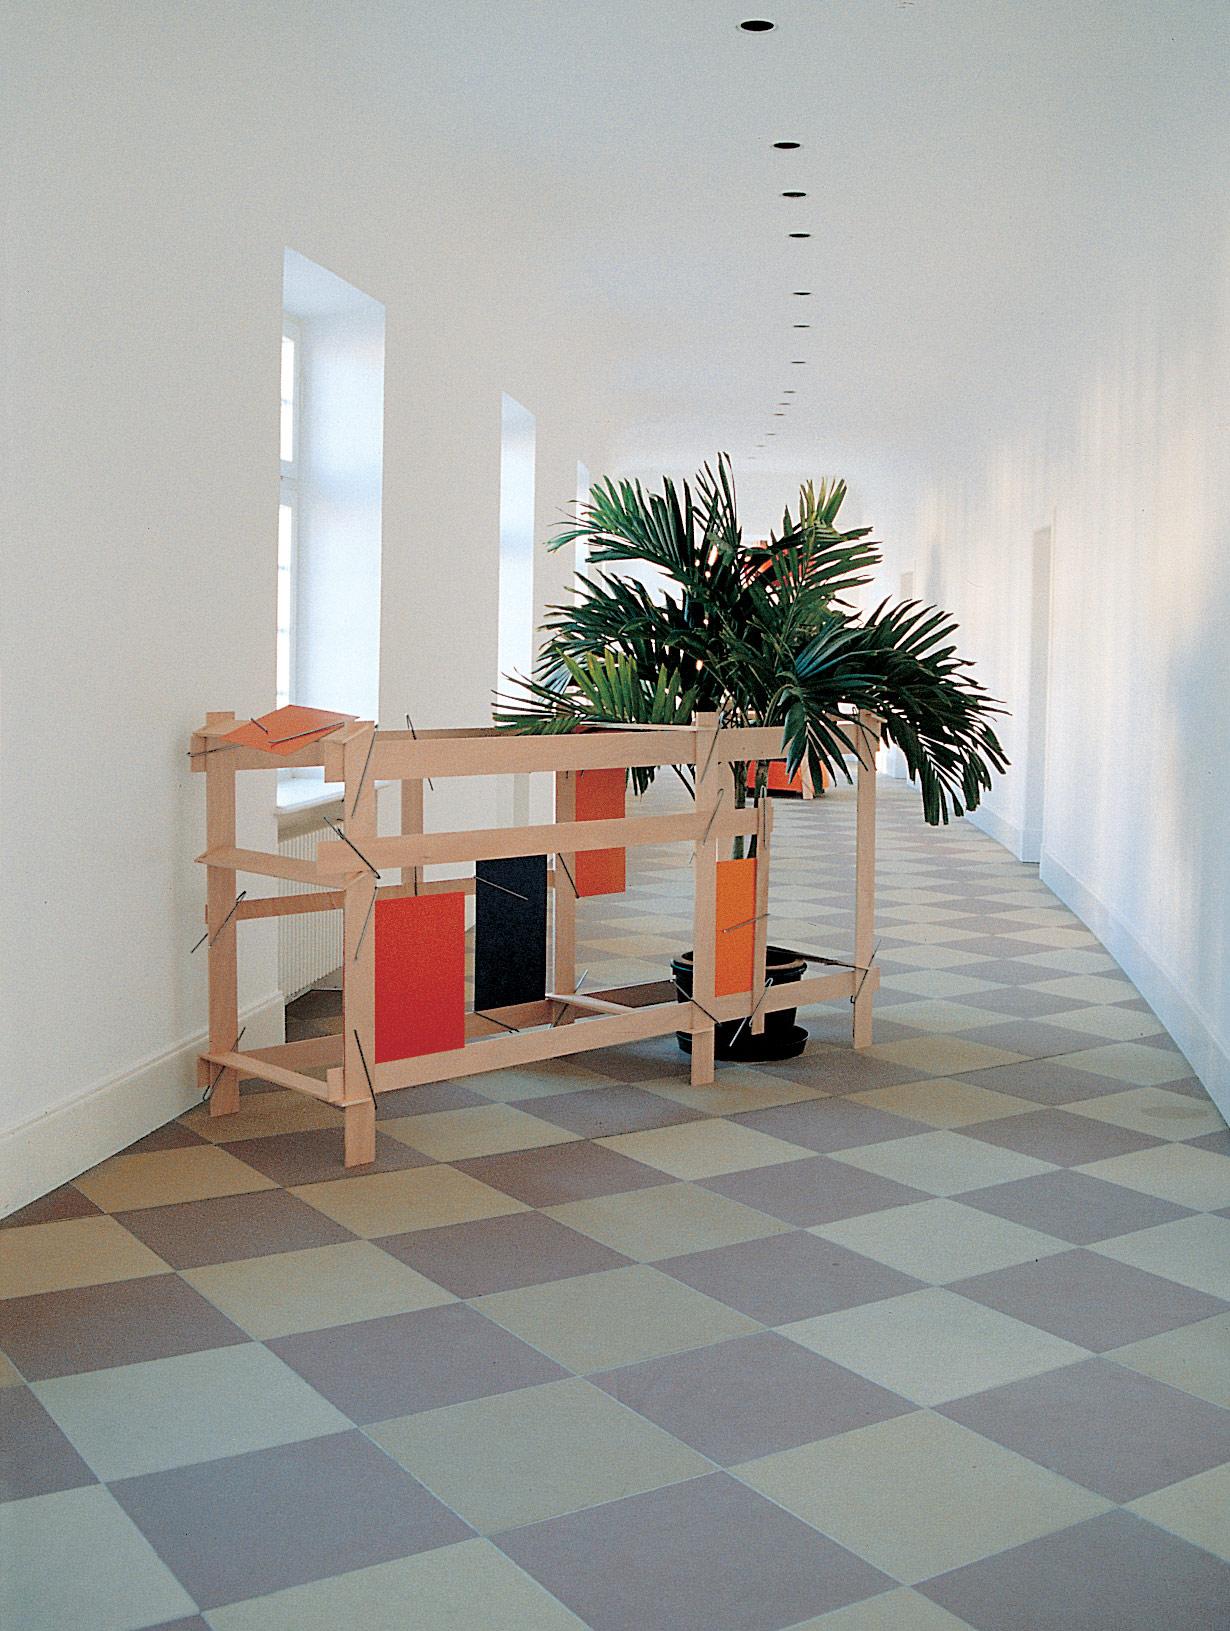 Antonio Catelani - Antonio-Catelani-Akademie Schloss-Solitude- Stuttgart-1995